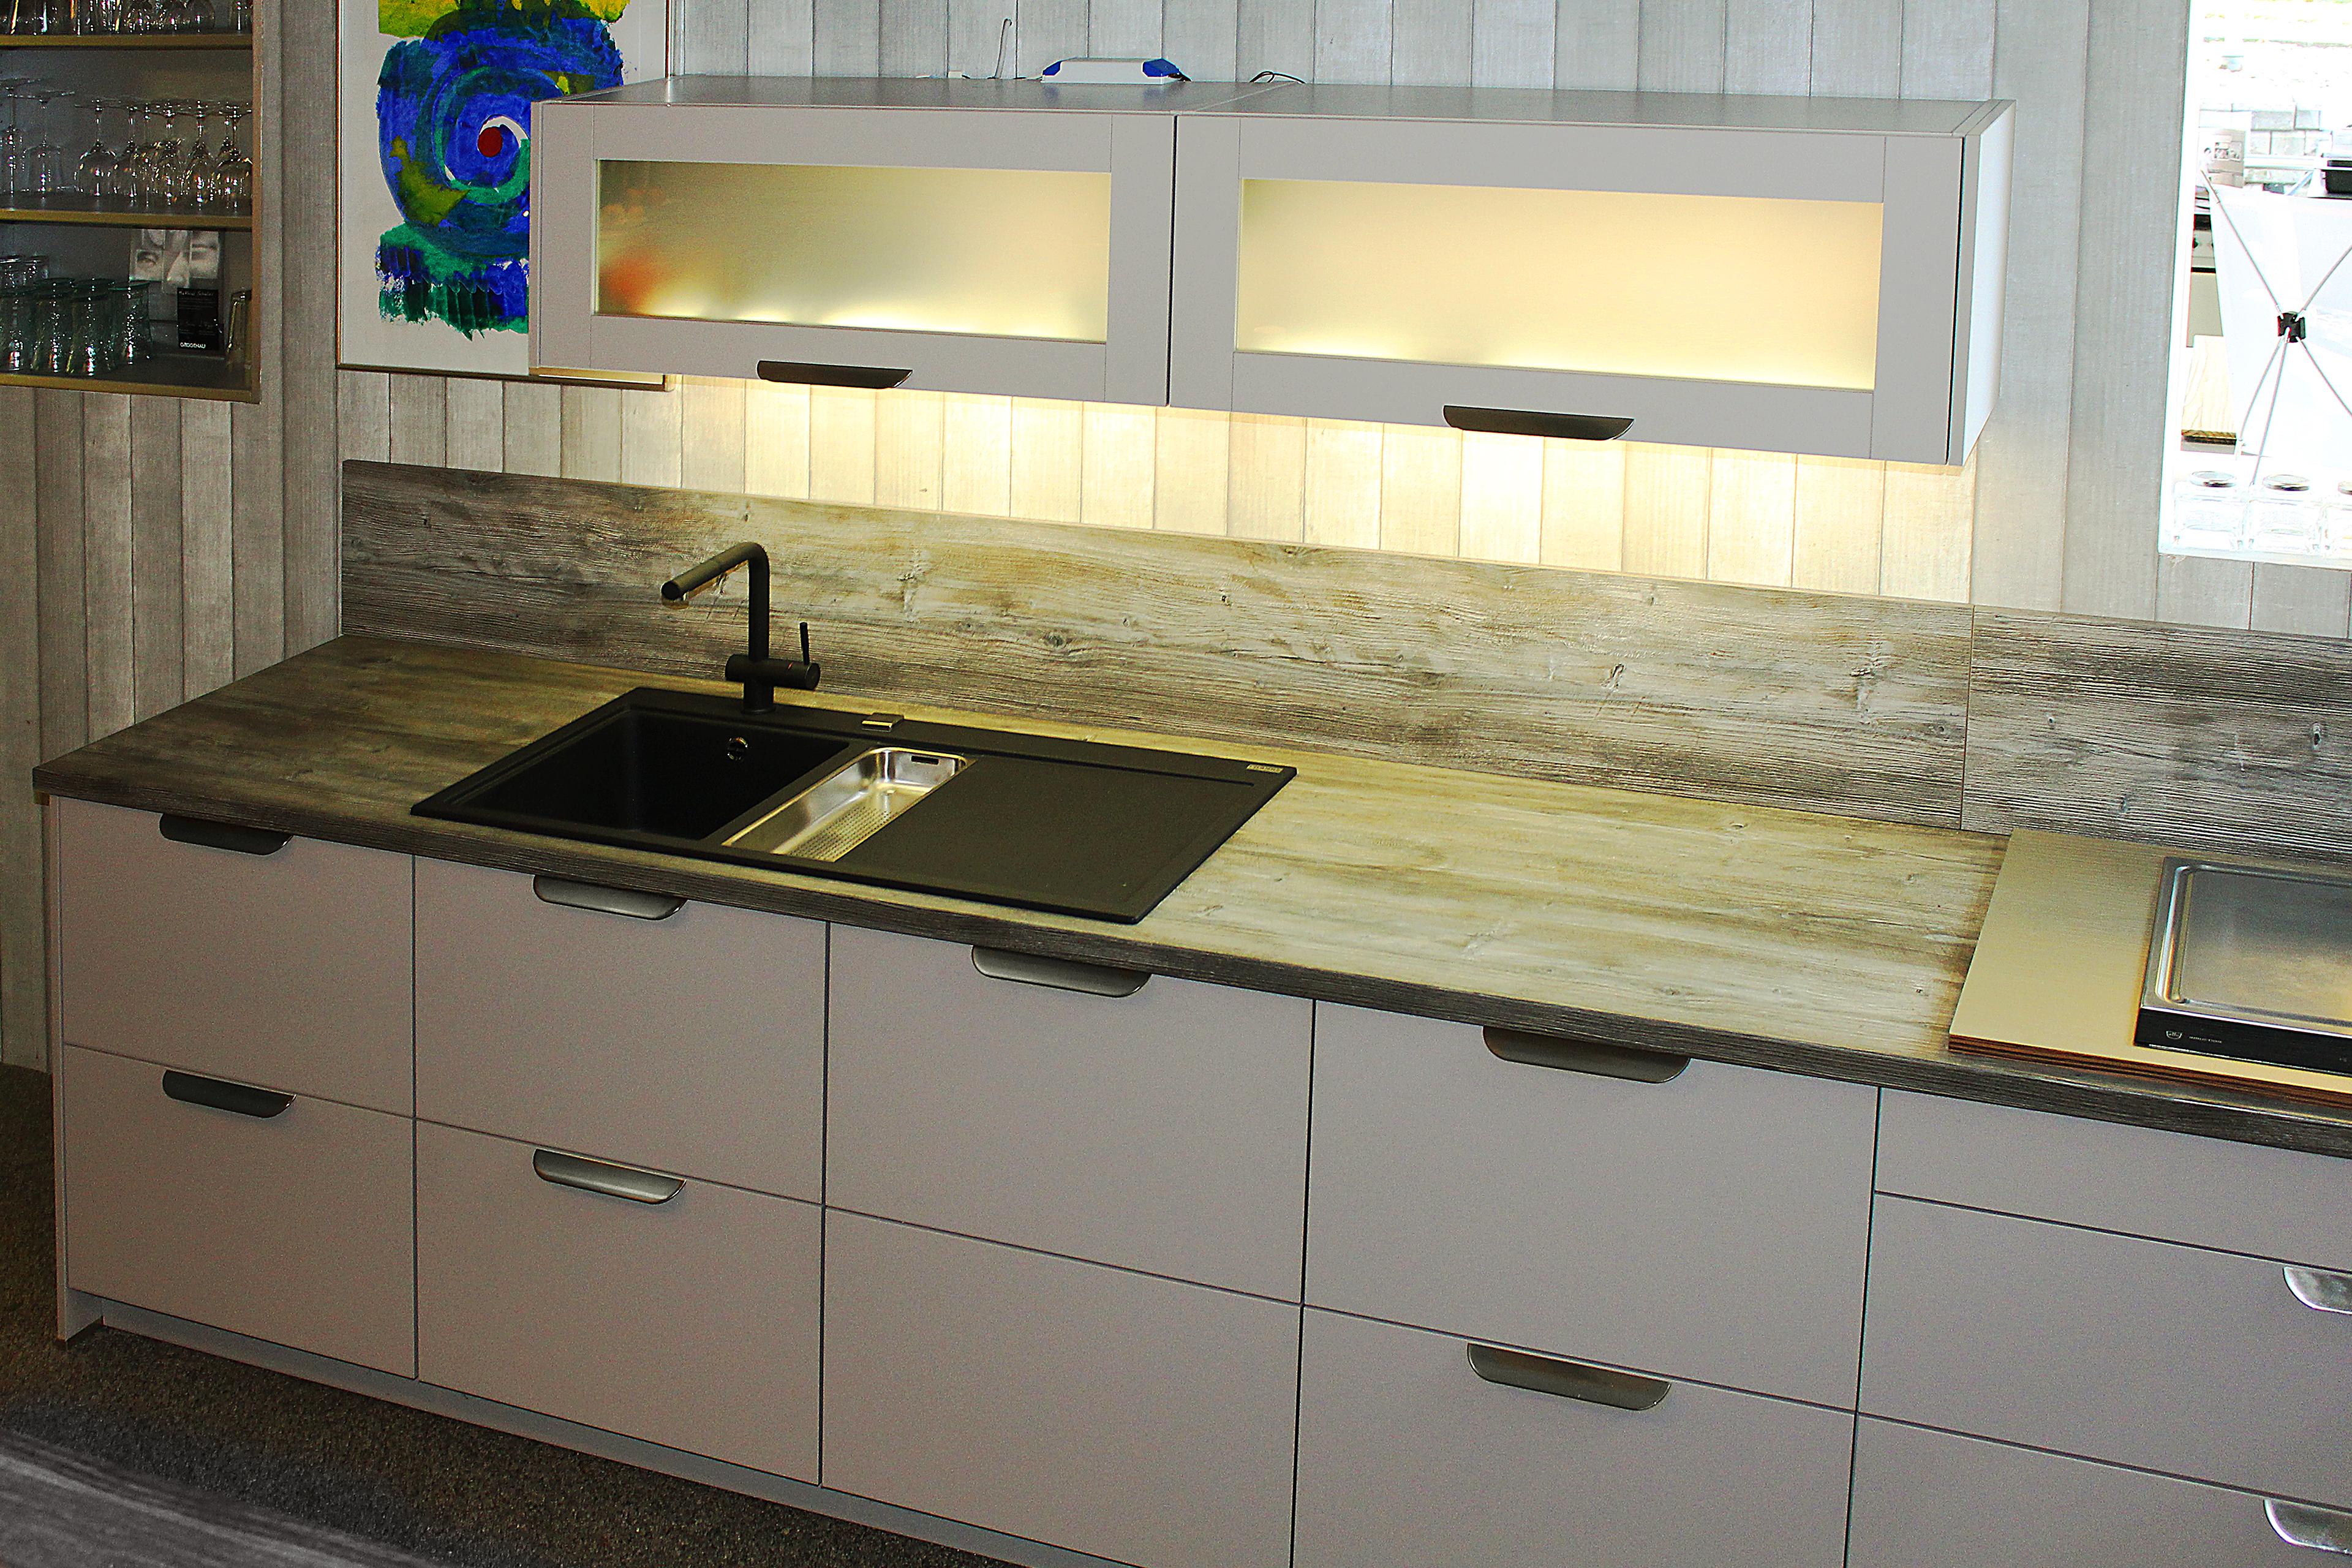 Günstige Küchenblöcke Ohne Geräte   rheumri.com   {Günstige küchenblöcke 24}